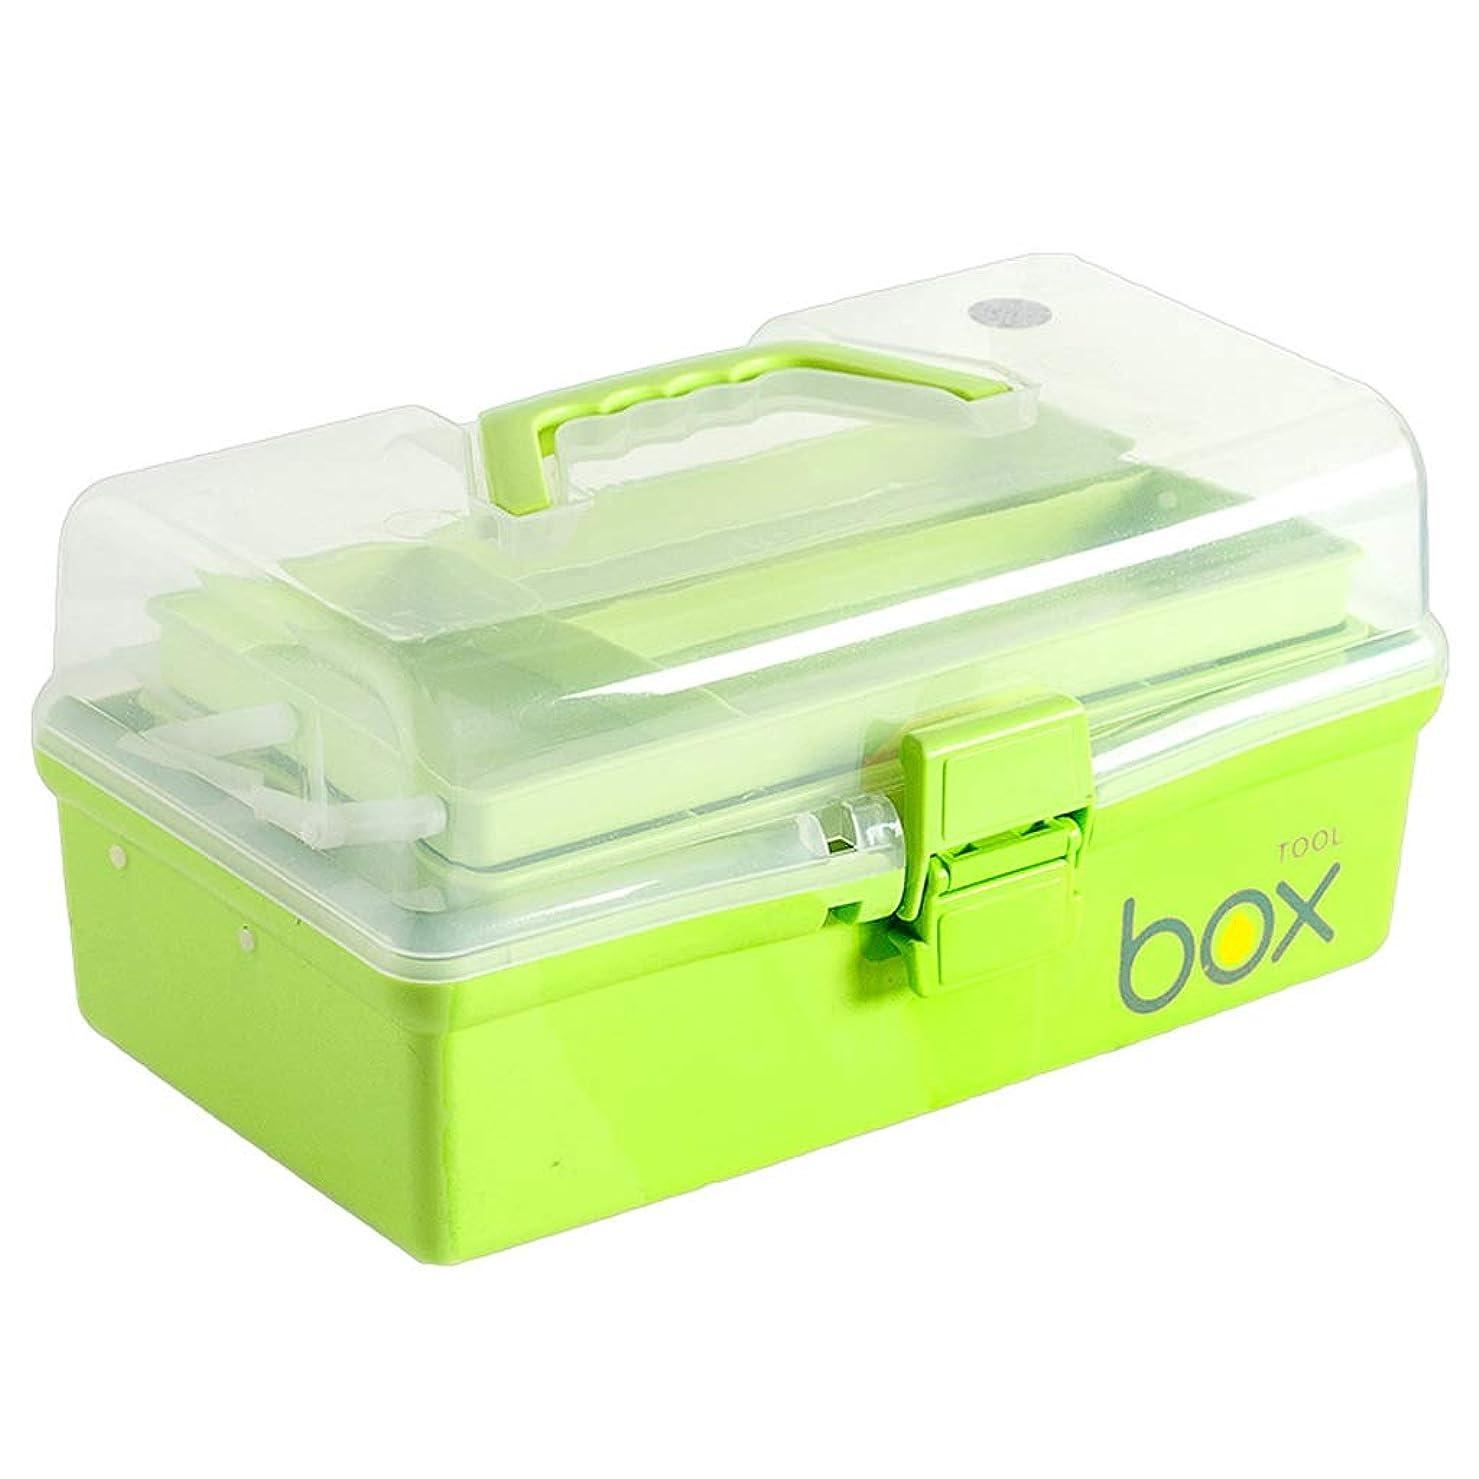 民主党レガシー昇進HTDZDX 応急処置キット収納ボックス、家庭用ポータブルピル薬医療収納ボックスオーガナイザー、旅行、キャンプ、オフィス (Color : Green)